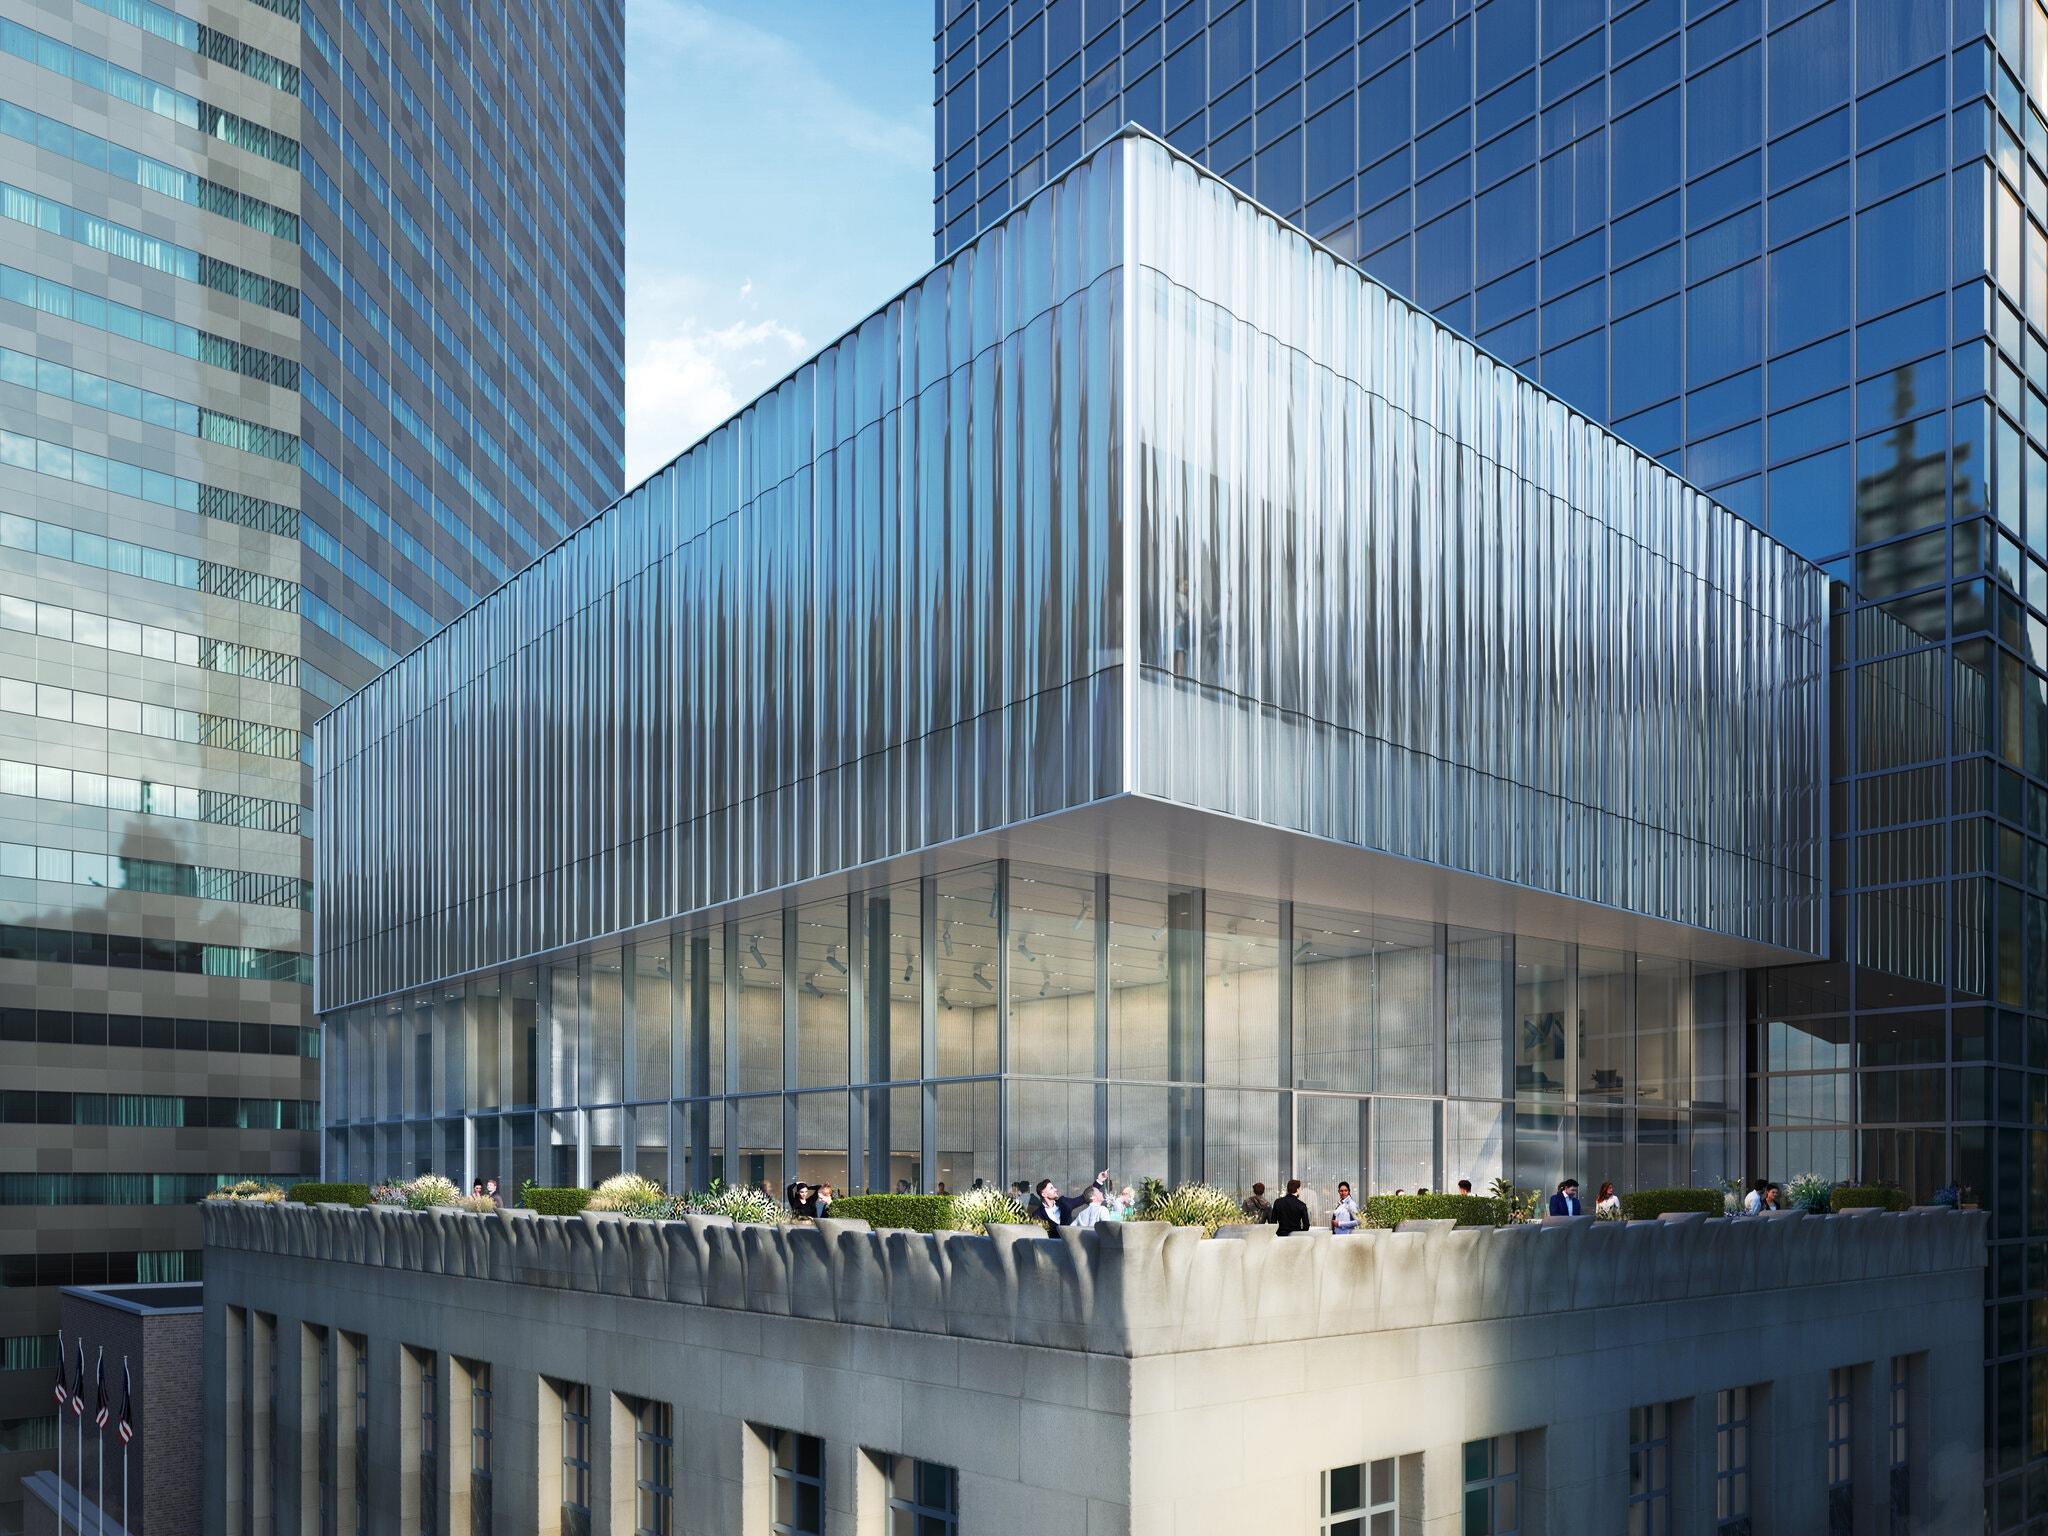 Projeção de como vai ficar o novo rooftop de vidro que será construído no prédio da Tiffany & Co. Foto: OMA/Bloomimages.de